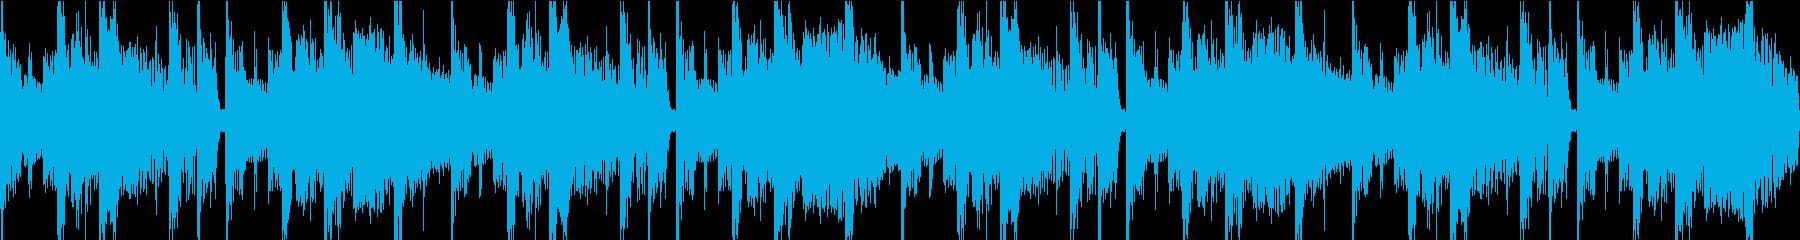 上品なエレピと少し不思議な音のドラムの曲の再生済みの波形